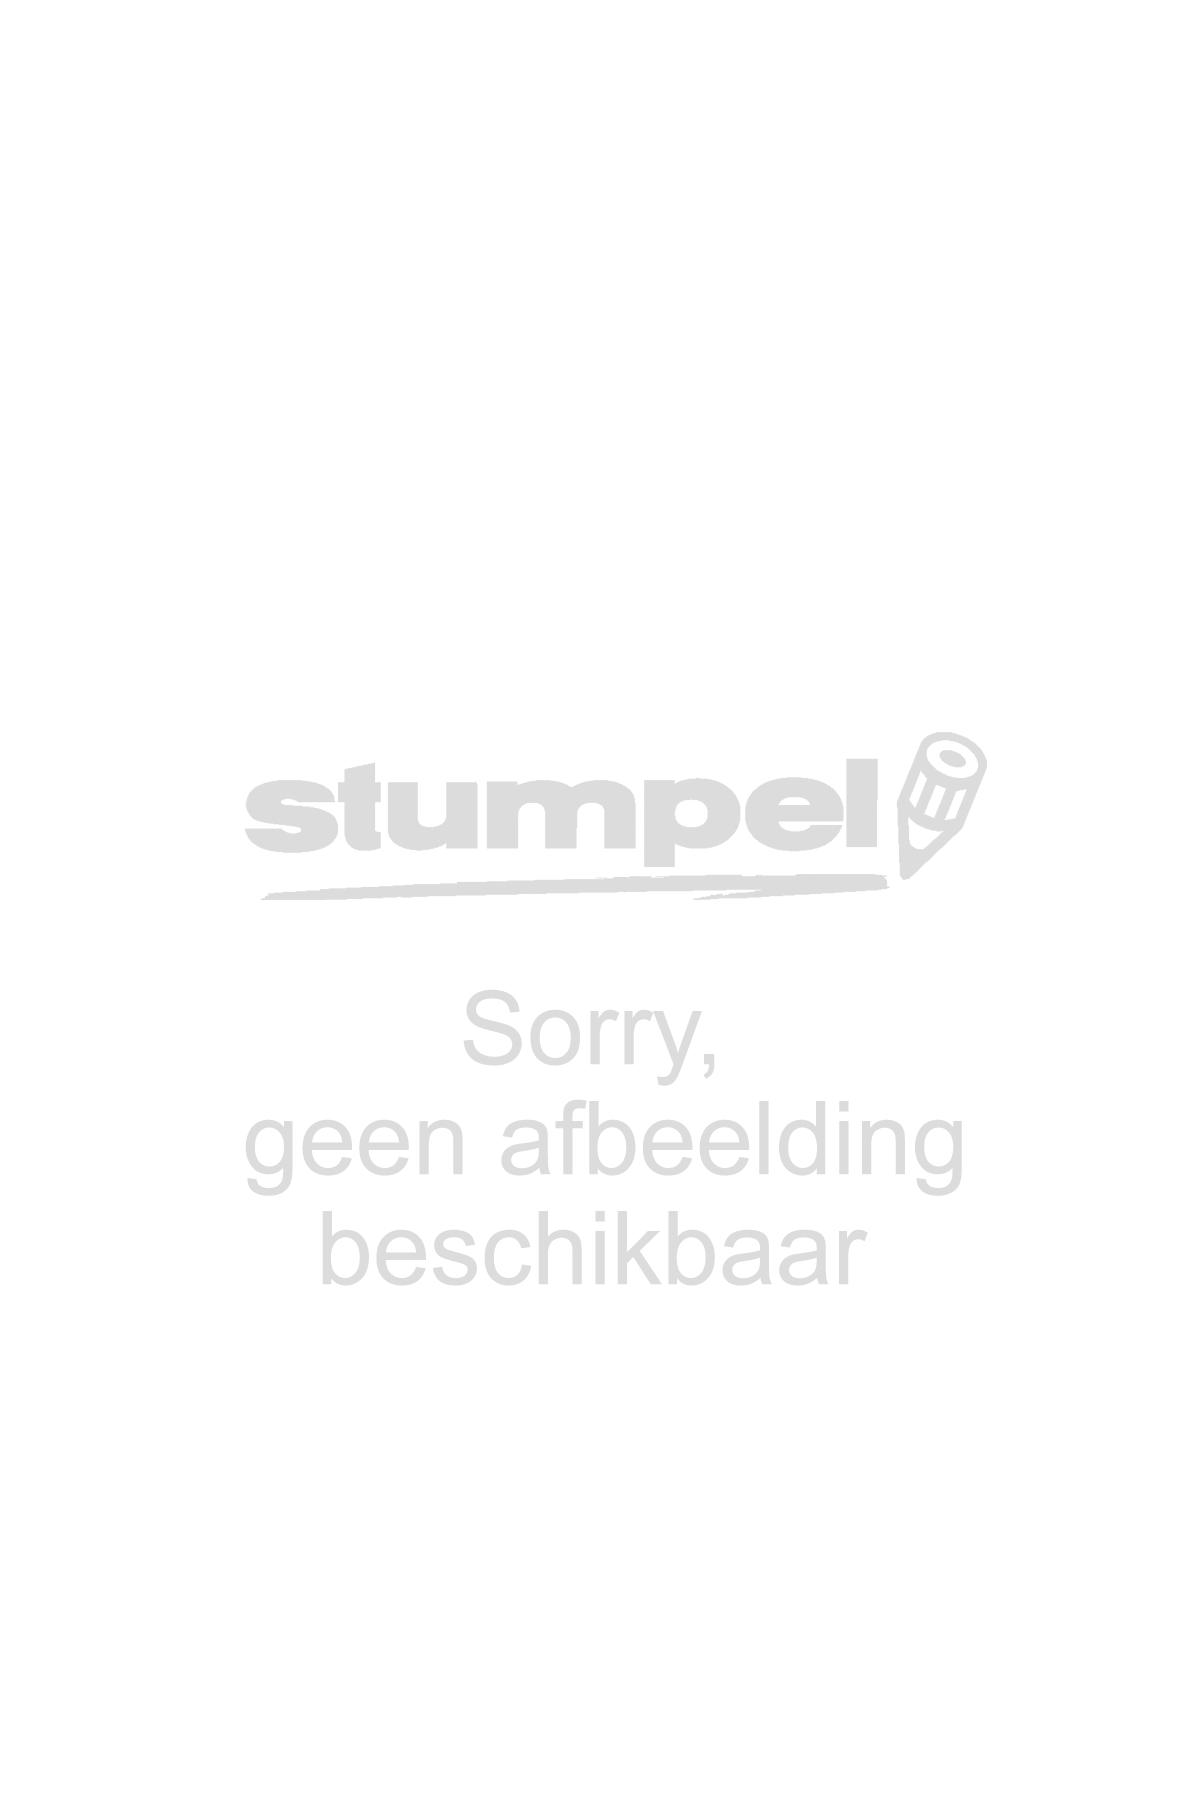 viltstift-edding-380-flipover-rond-rood-1-5-3mm-631032